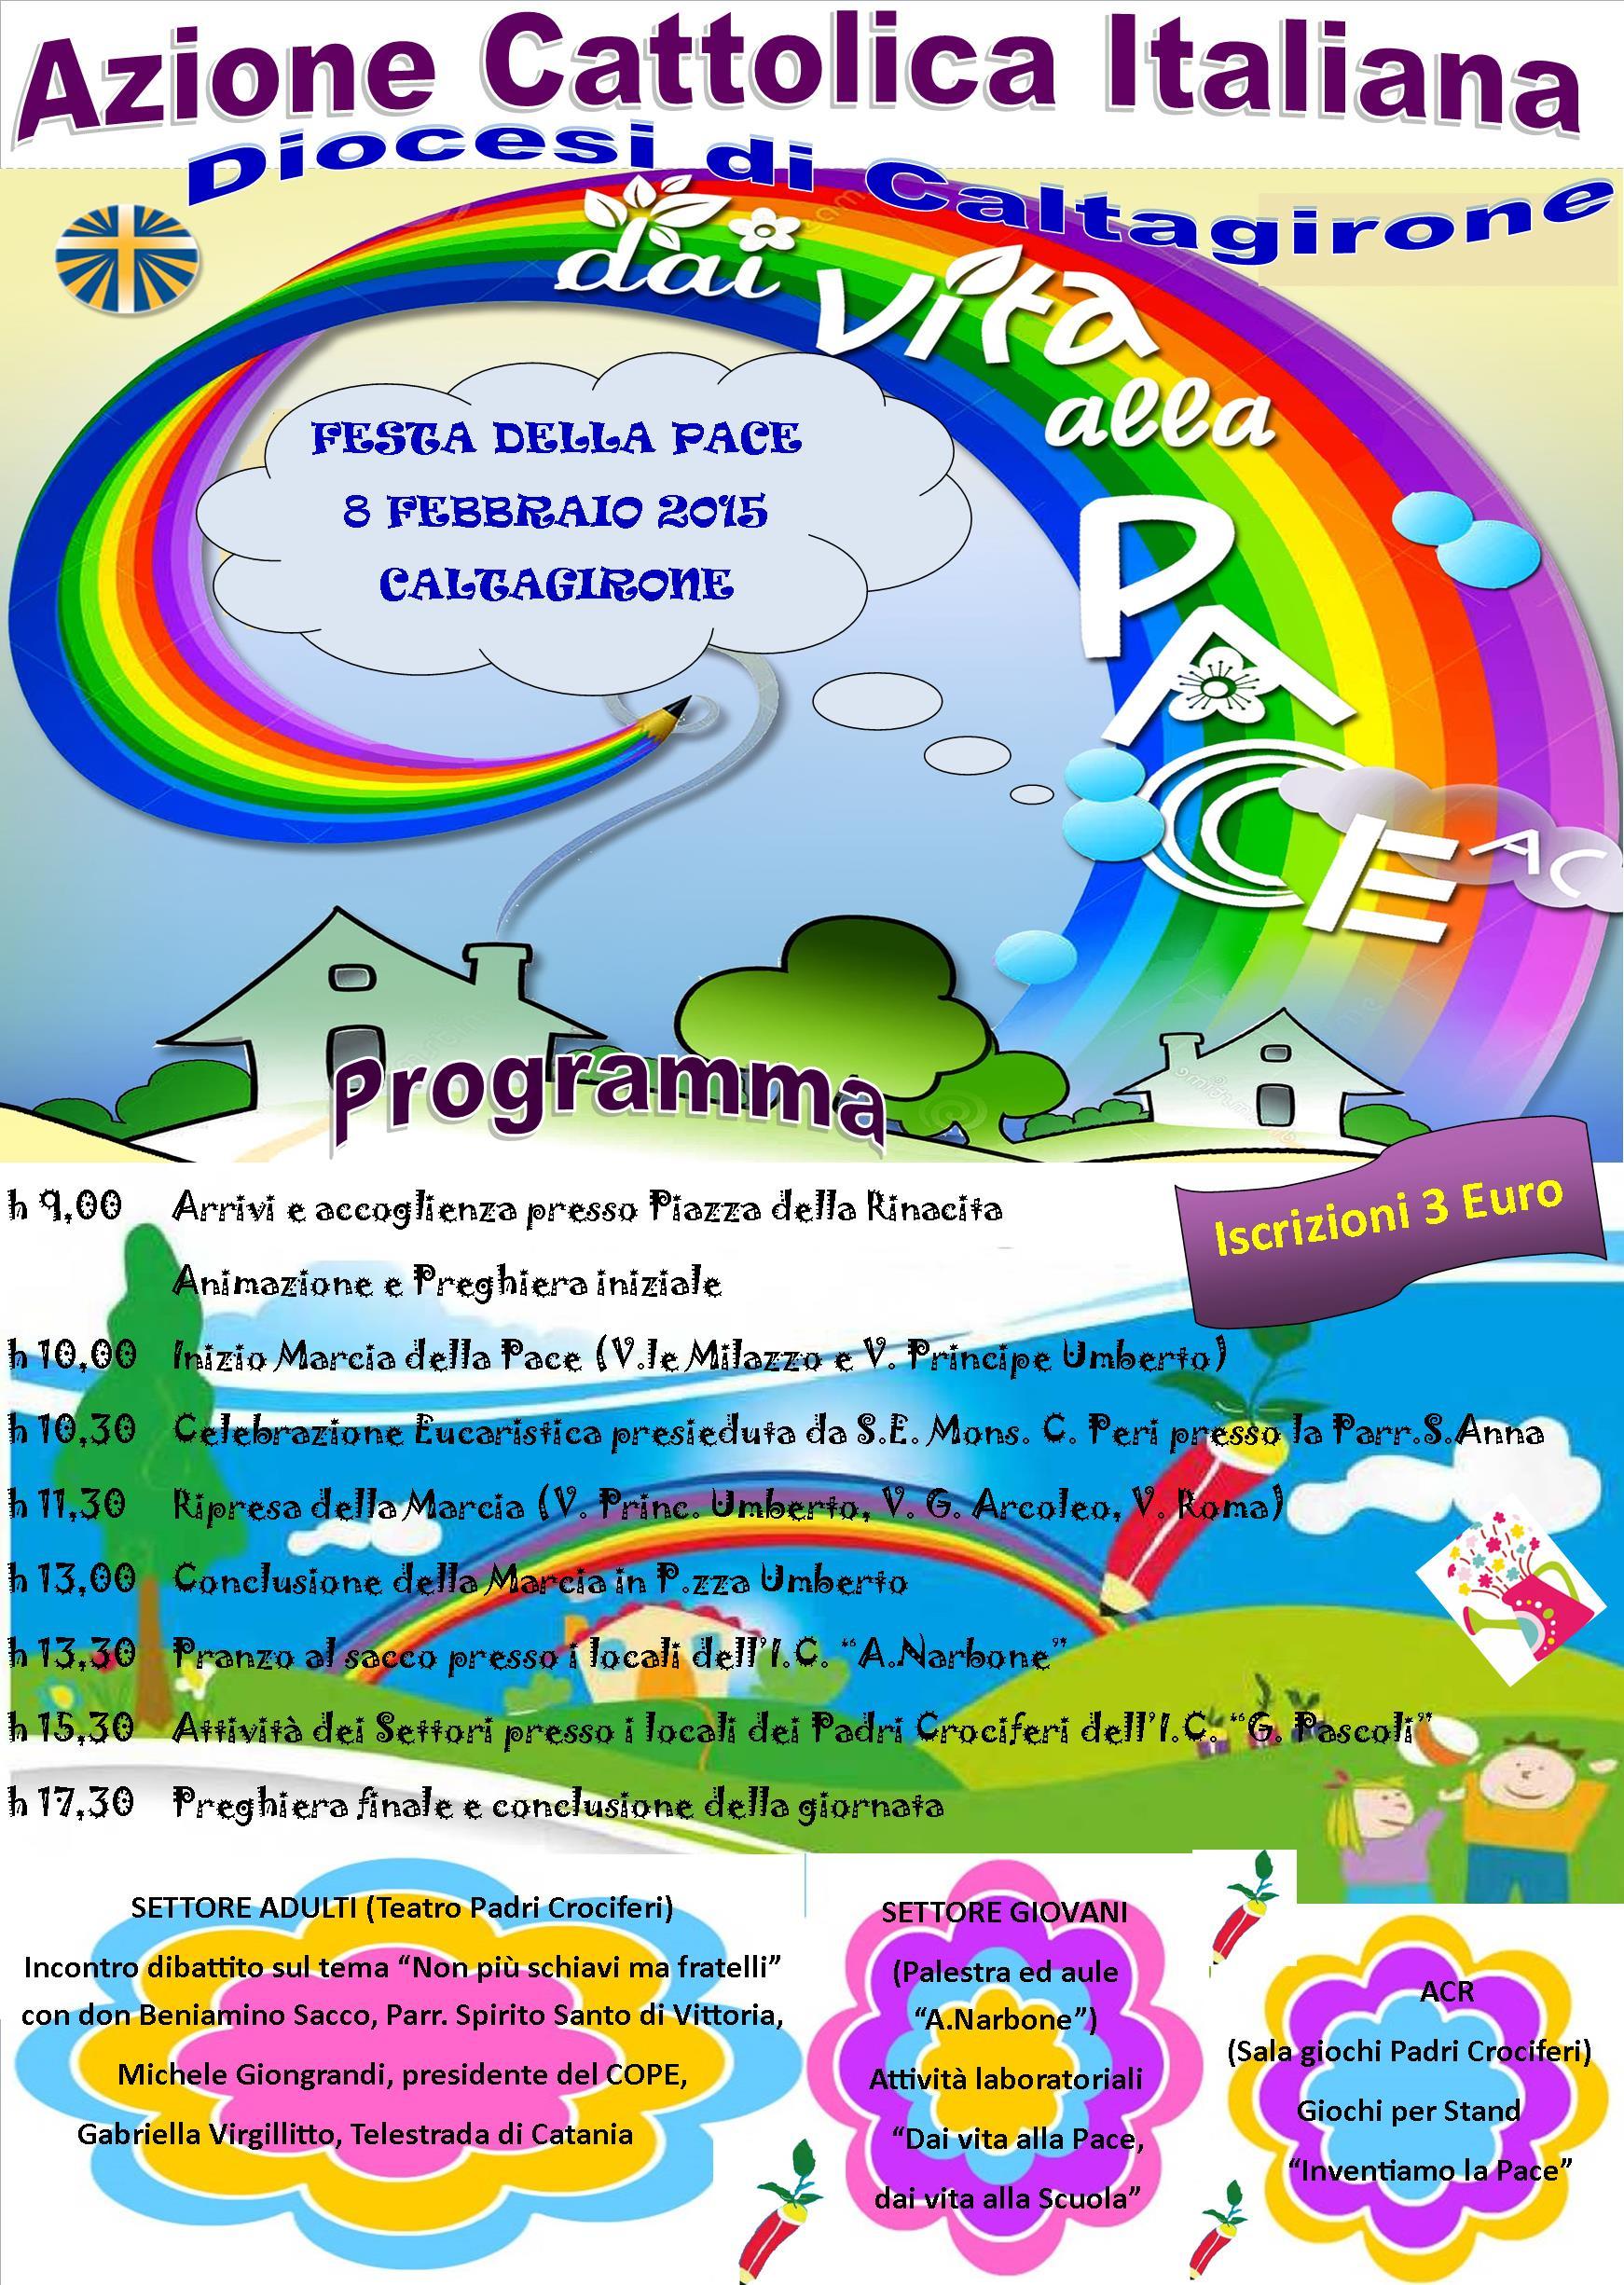 locandina festa della pace 8 febbraio 2015